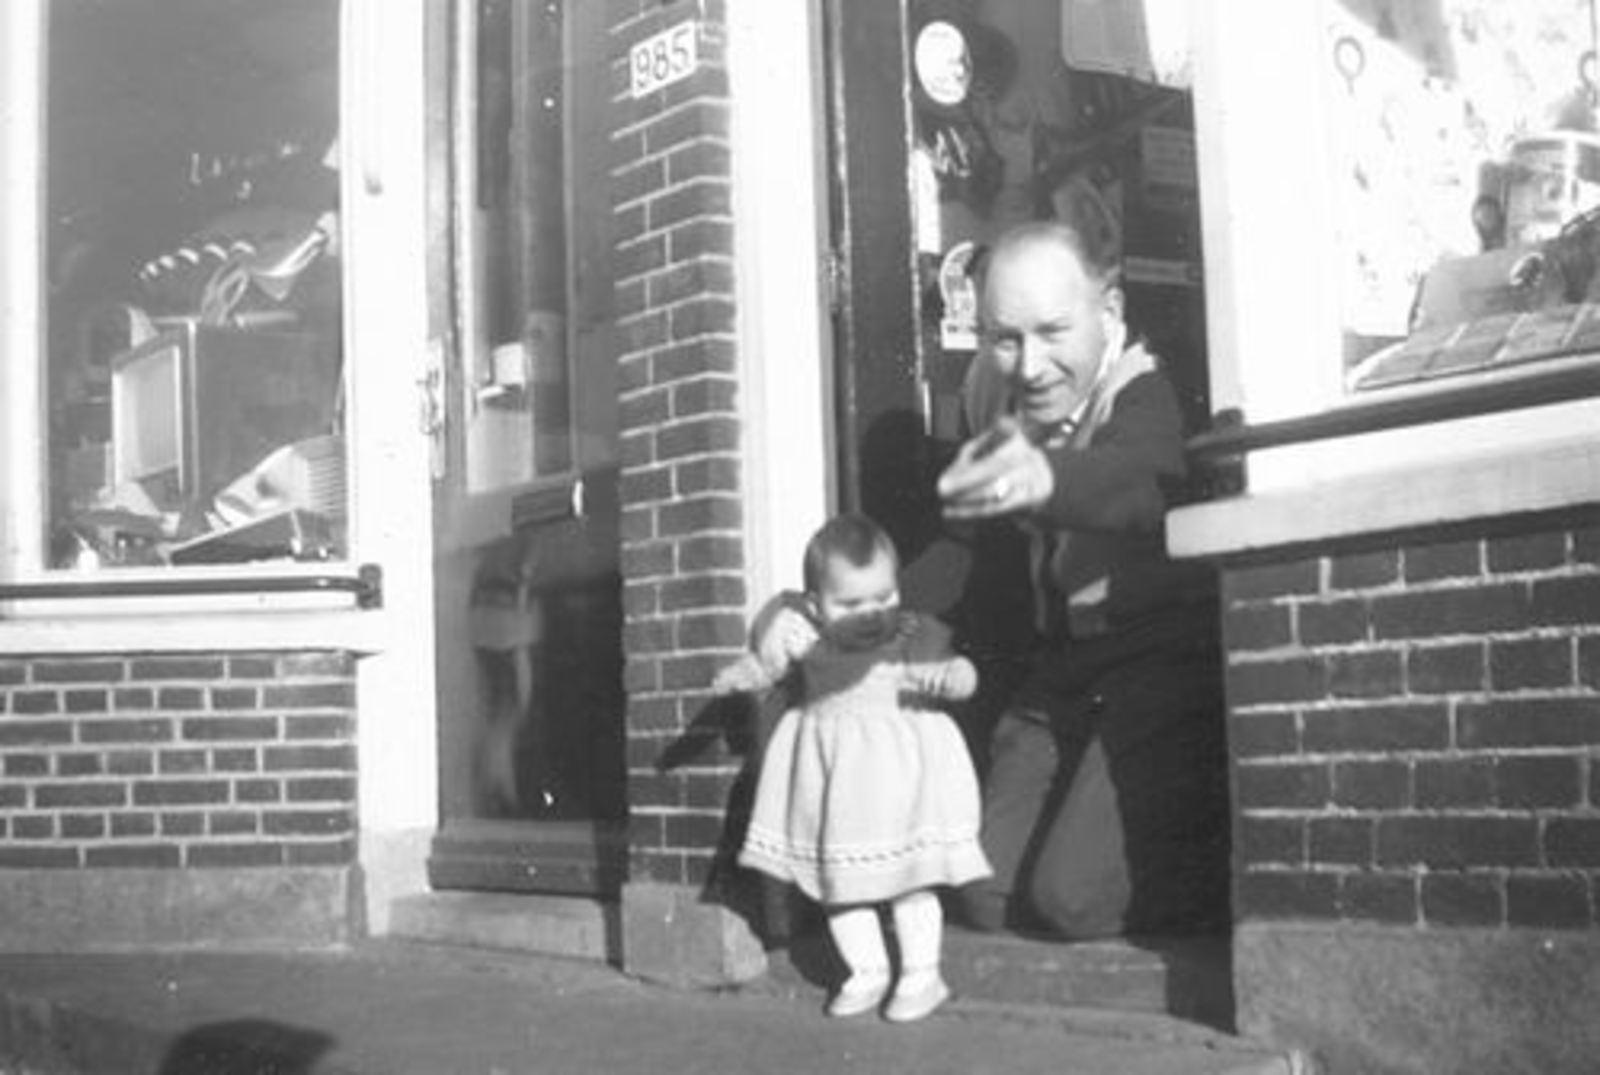 Kruisweg N 0985 1952+ met Jan Galis en Lenie Lankhaar 12